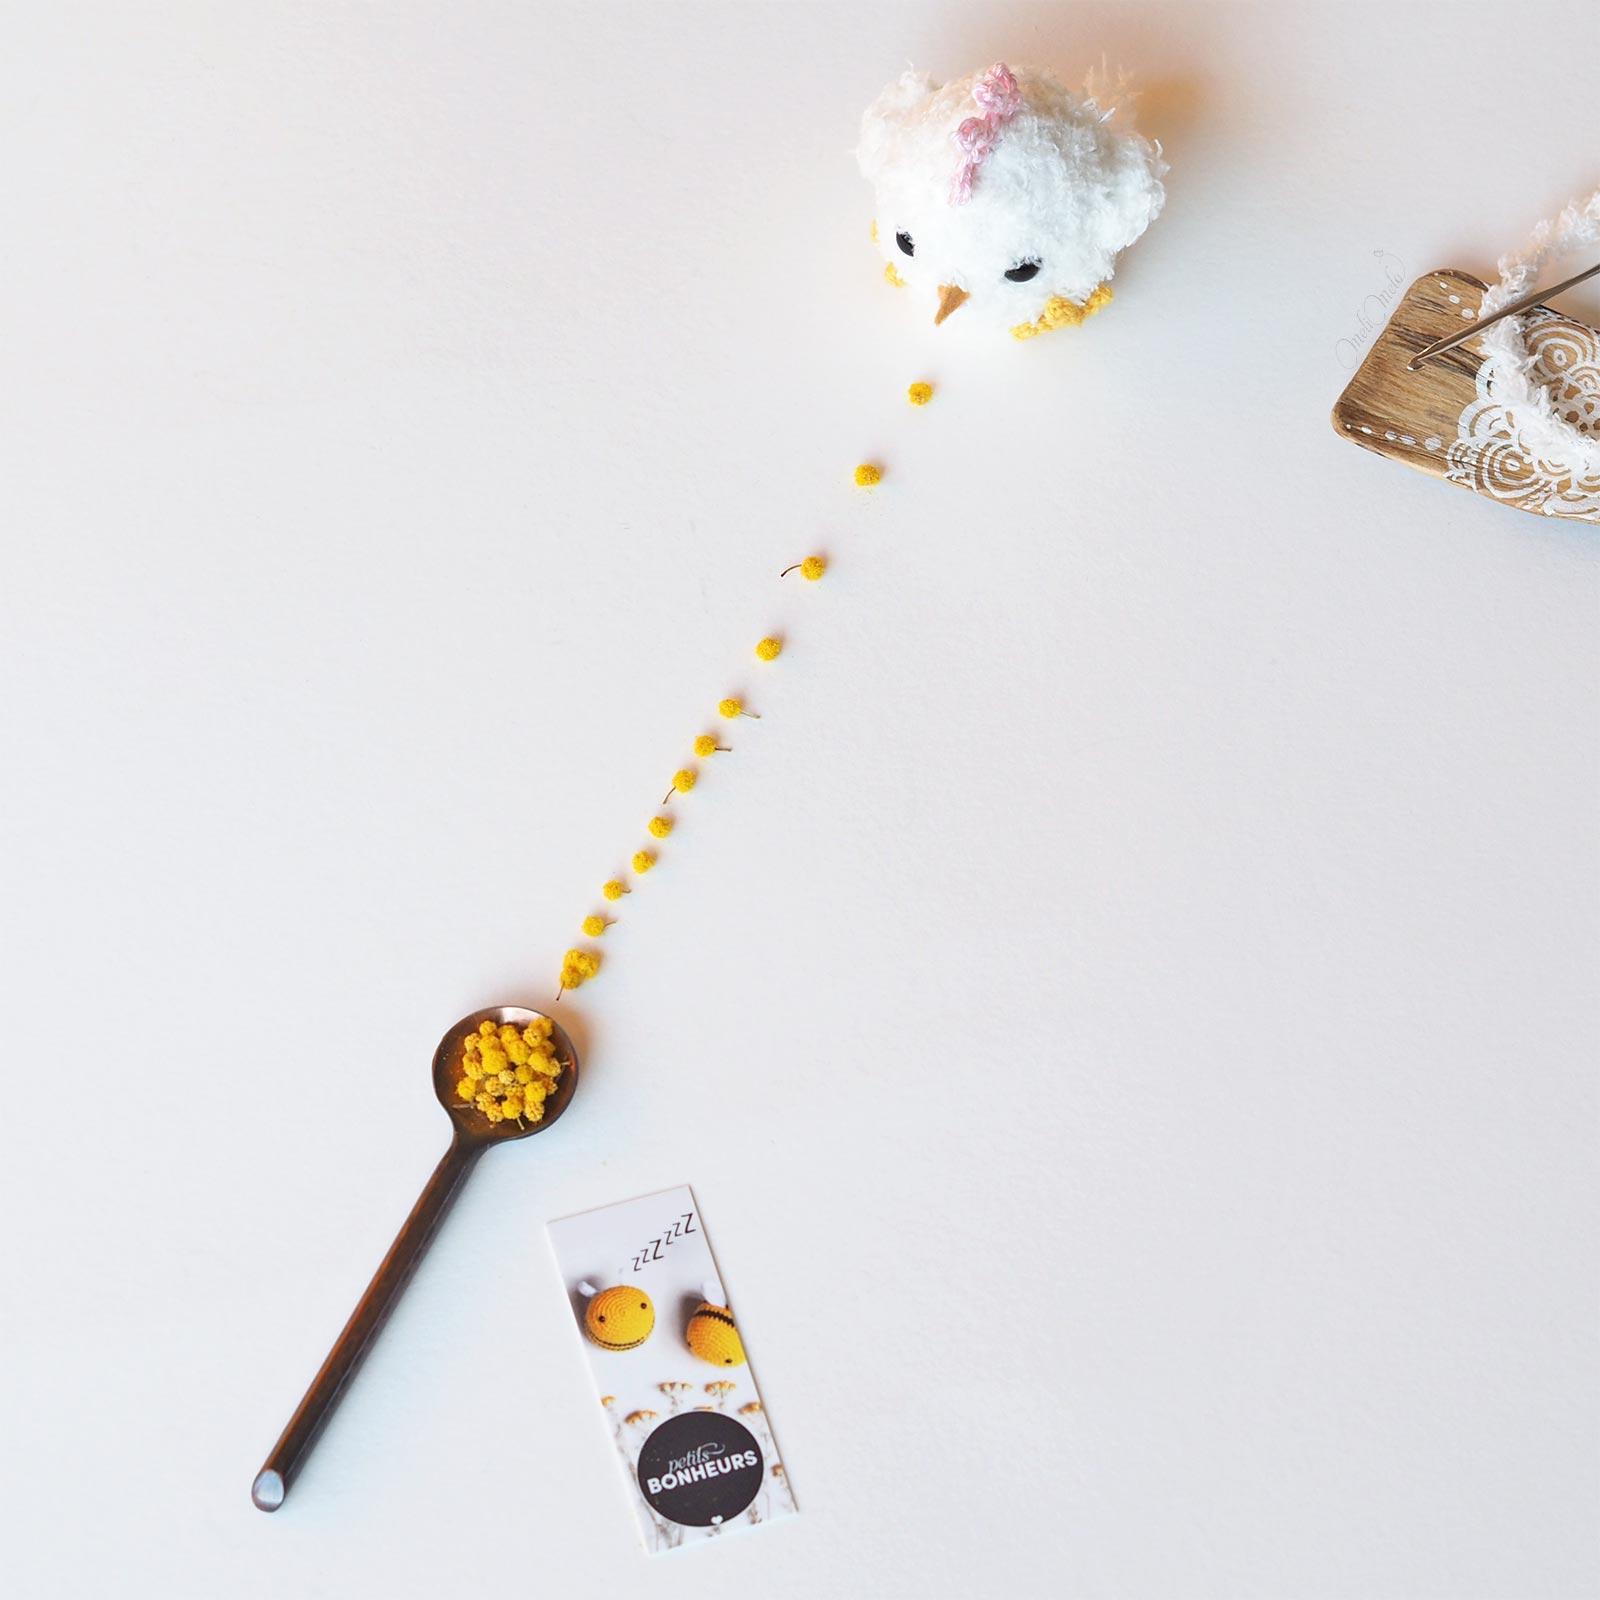 poussin rondouillet crochet petits bonheurs moocards mimosa pâques laboutiquedemelimelo